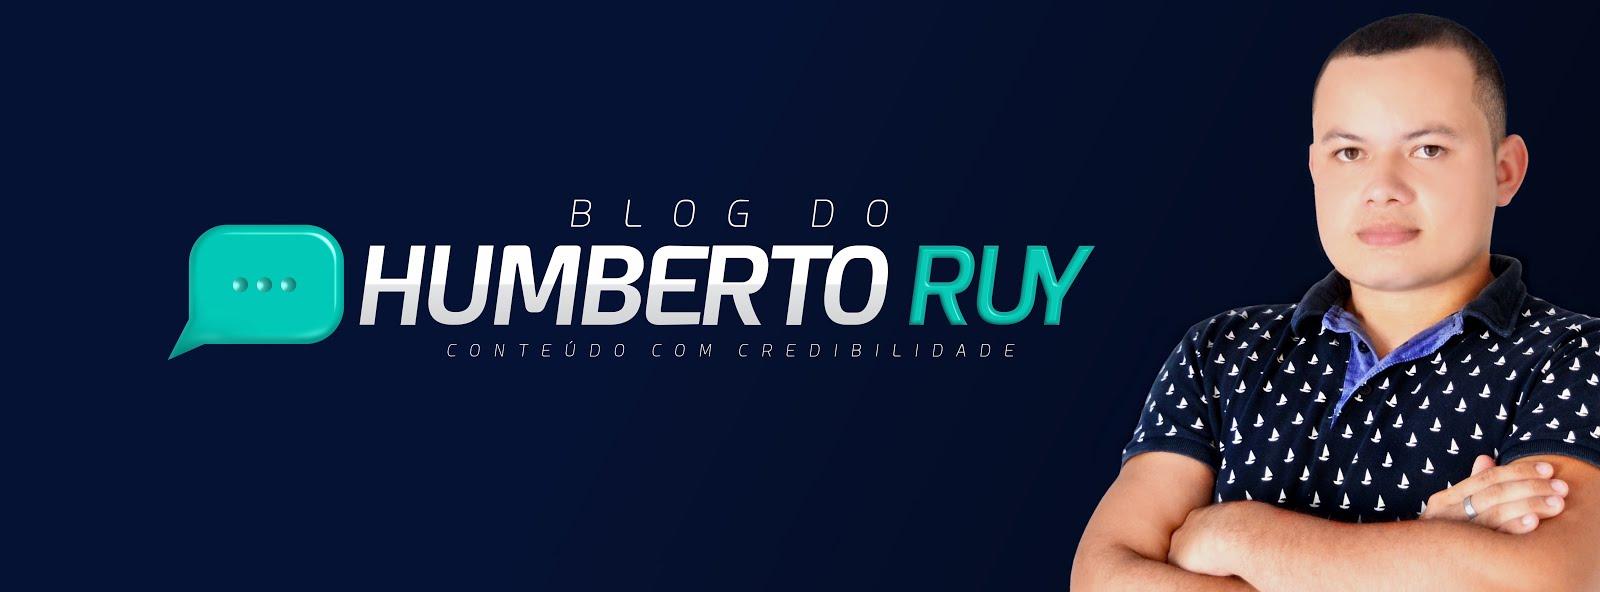 BLOG HUMBERTO RUY